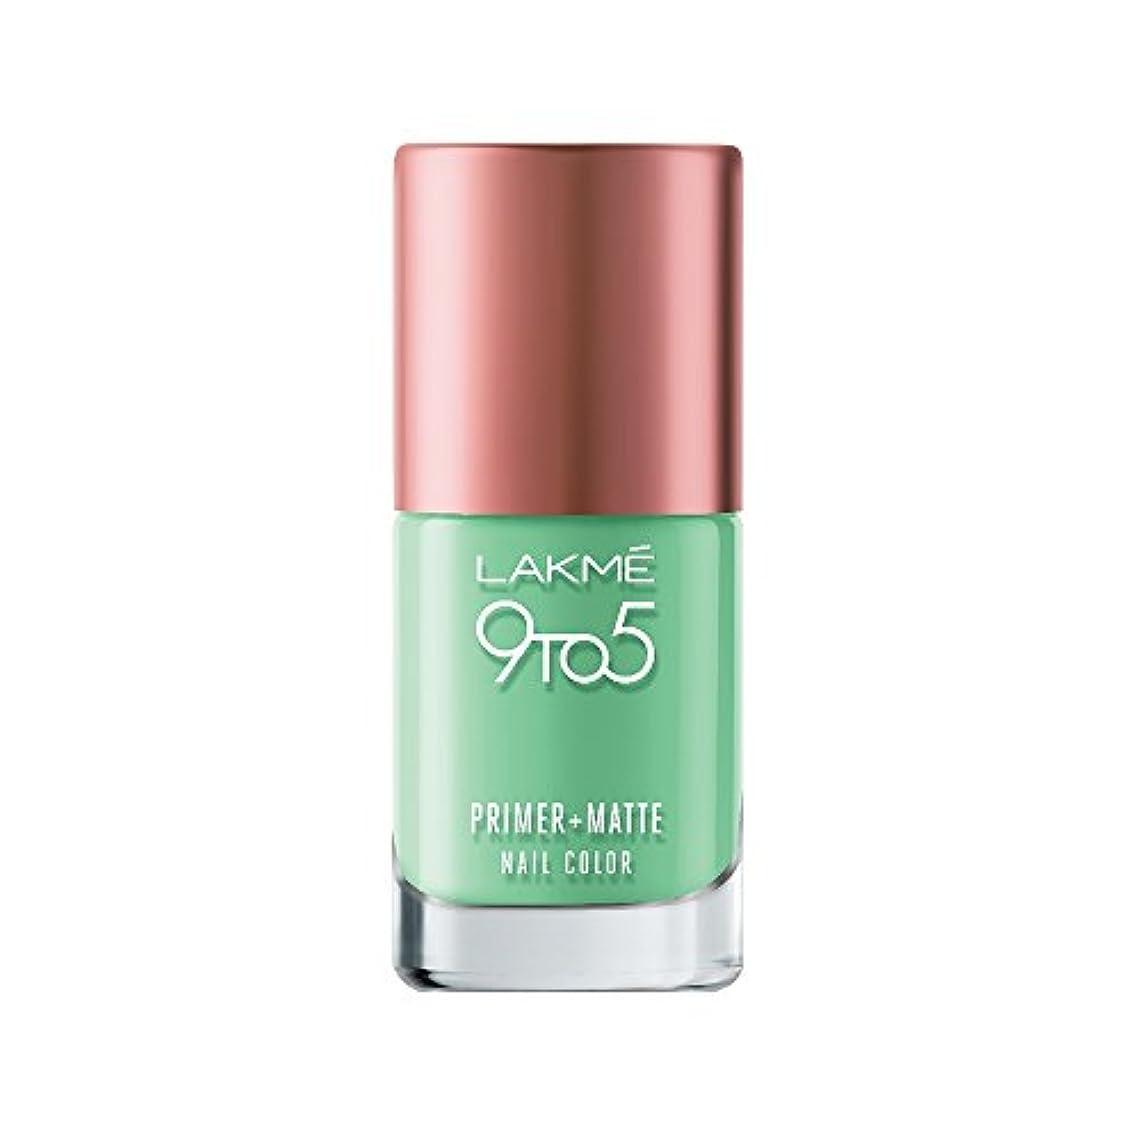 ポールクリップ騒ぎLakme 9 to 5 Primer and Matte Nail Color, Green, 9ml